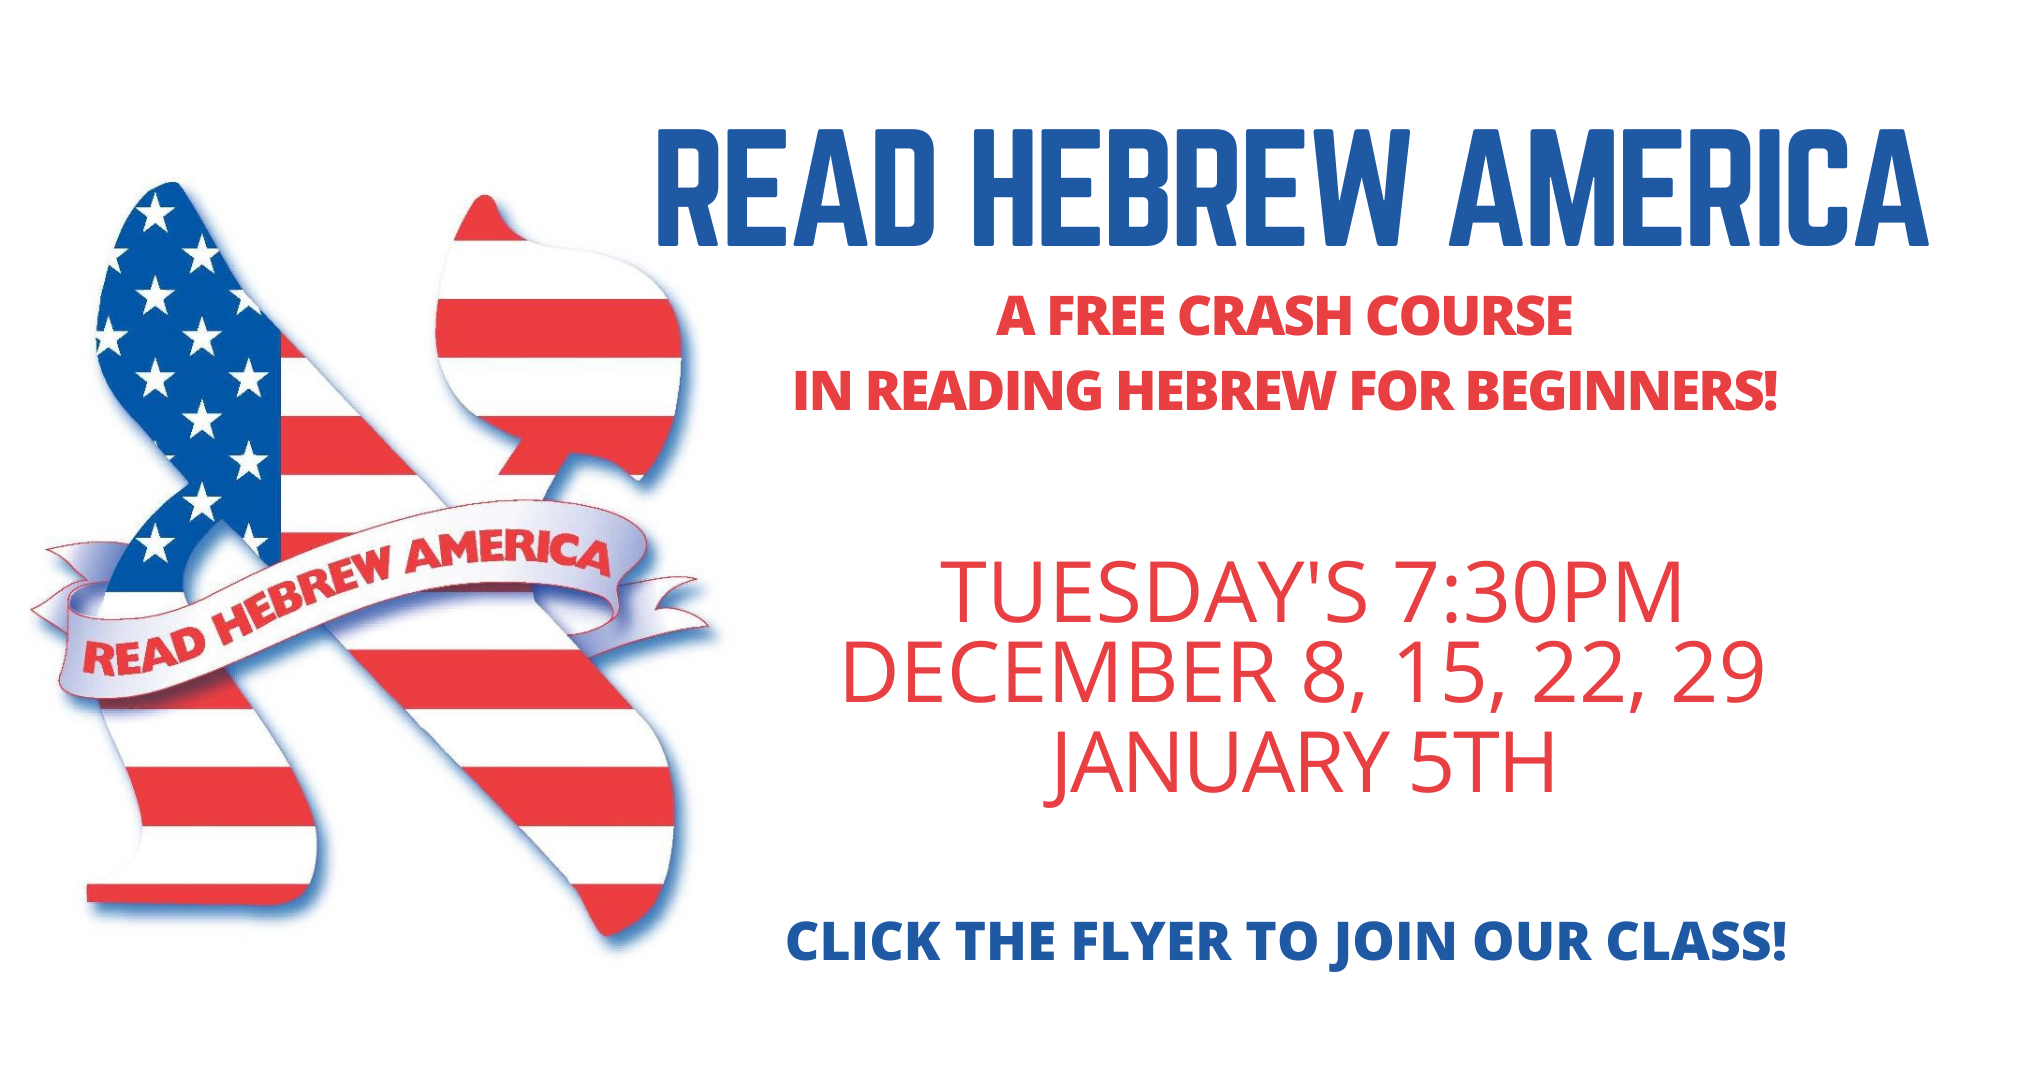 EAD HEBREW AMERICA! A FREE CRASH COURSE IN READING HEBREW a